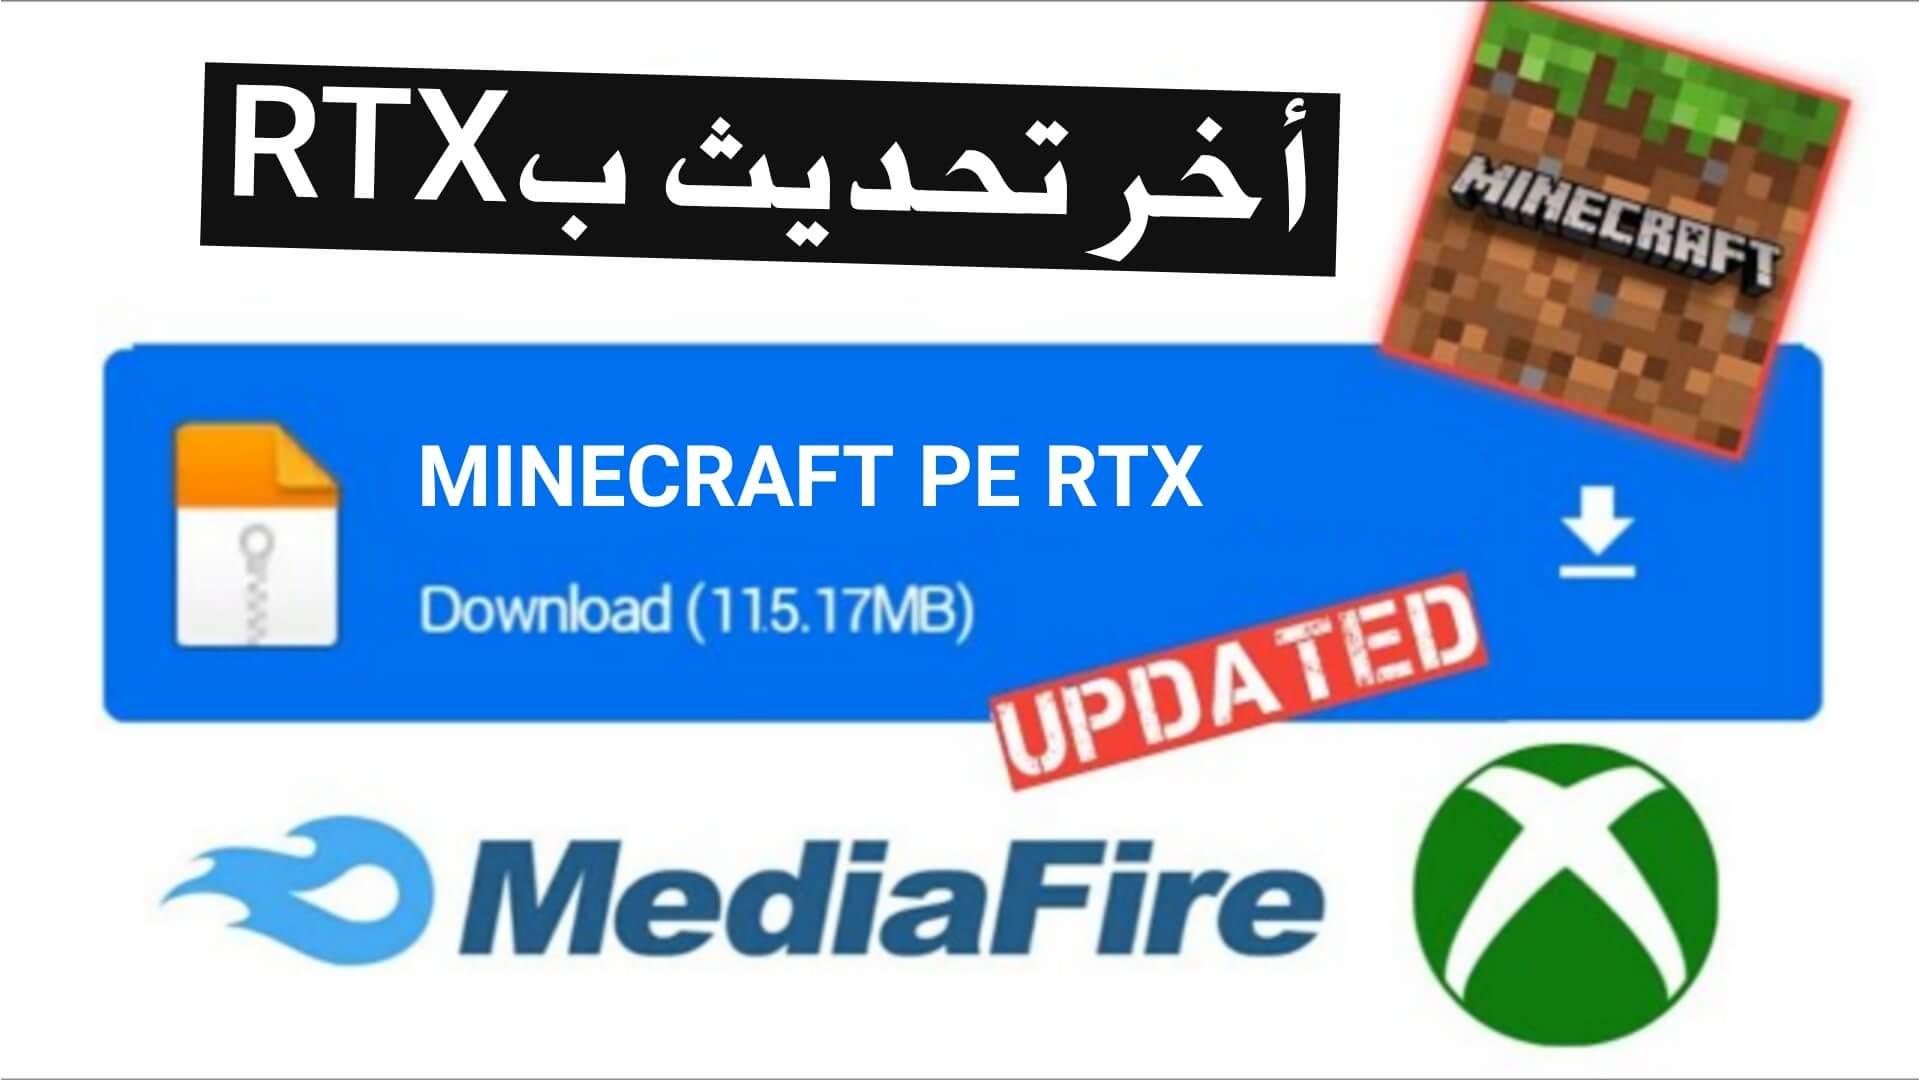 تحميل ماين كرافت RTX للاندرويد من ميديا فاير نسخة بجرافيك اسطوري | 2021 Minecraft Pe RTX